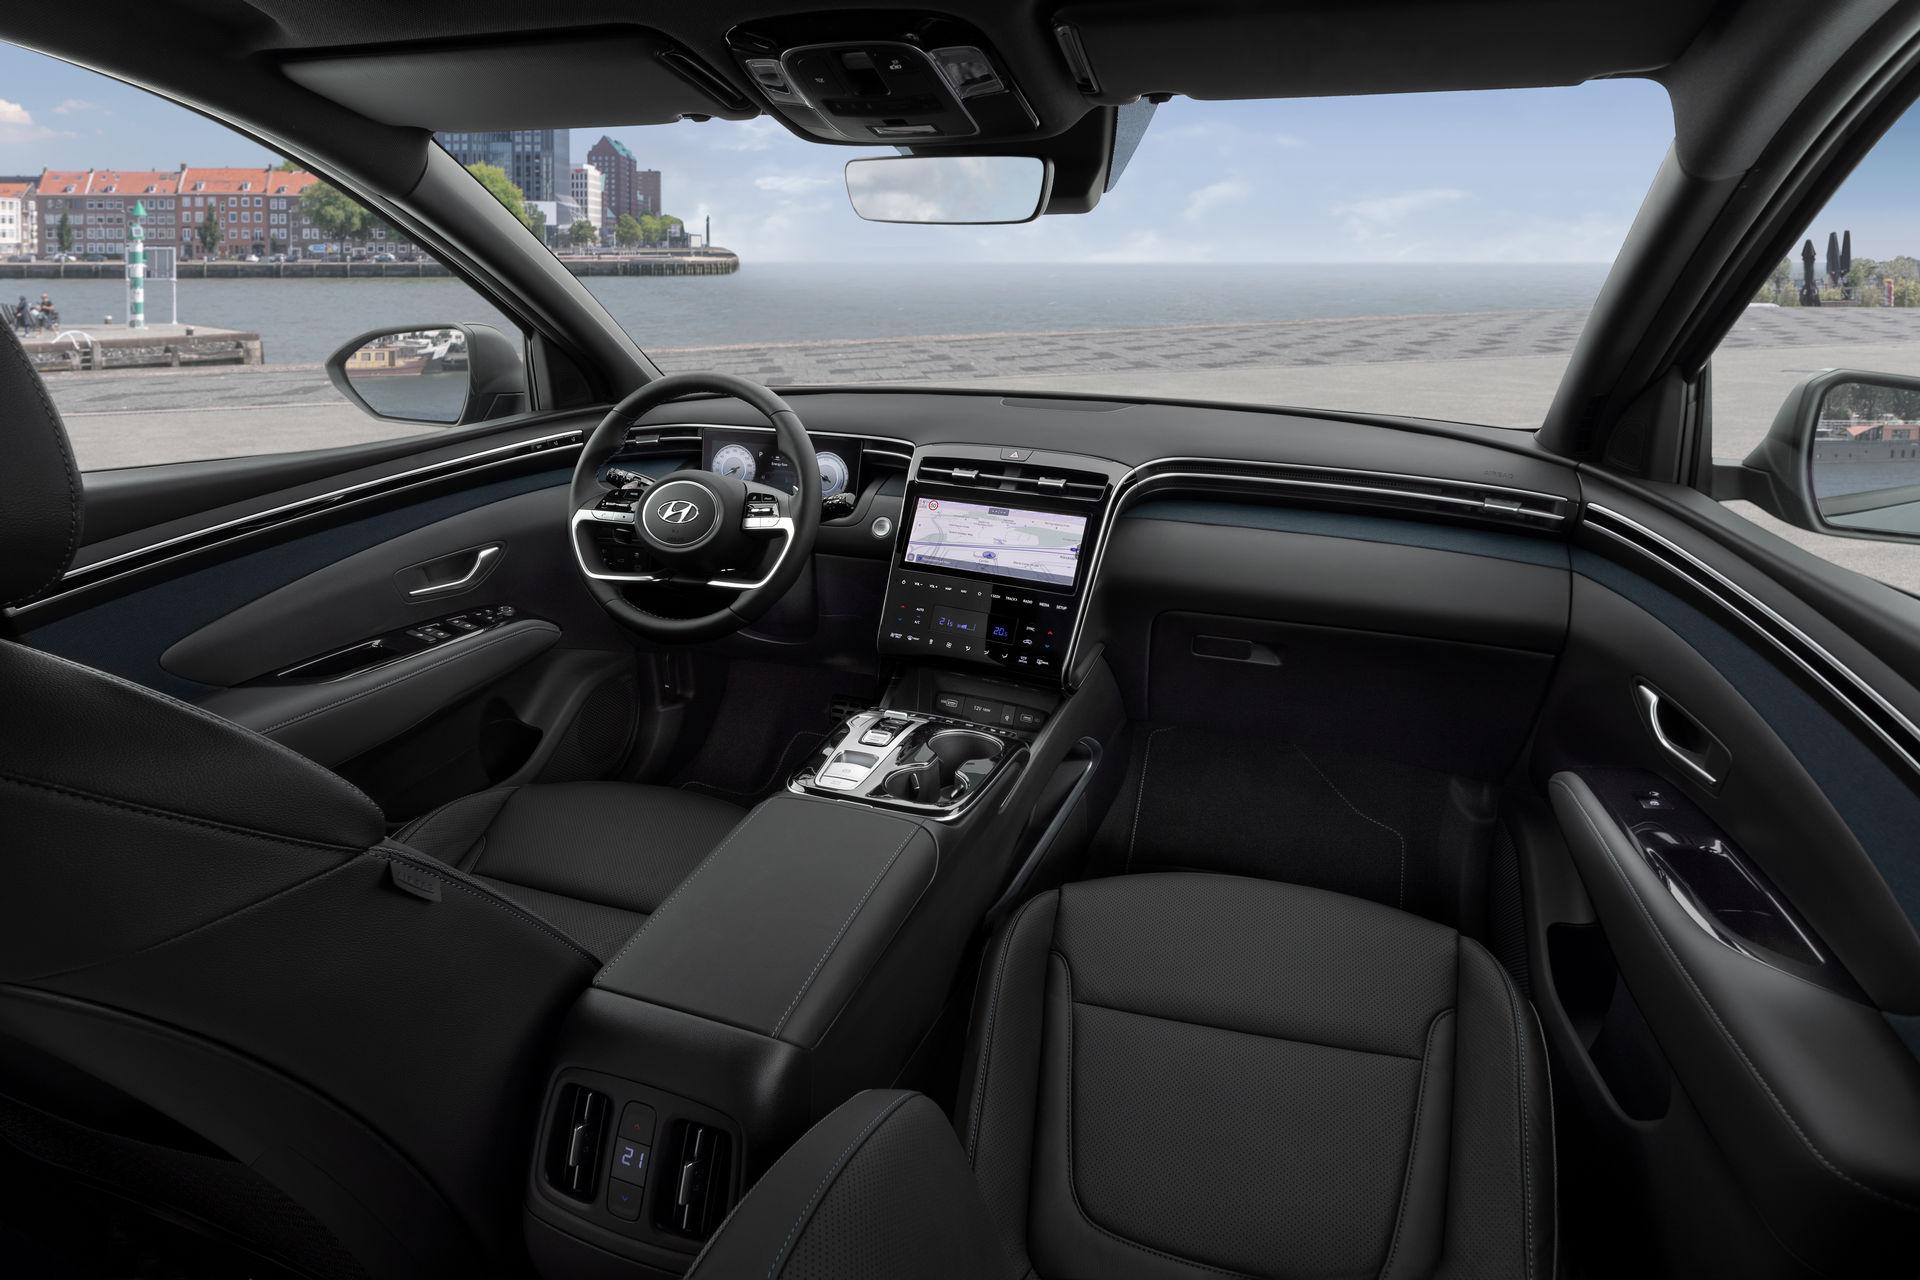 بالفيديو والصور.. انطلاق هيونداي توسان 2022 الجديدة كليًا رسميًا 2021-Hyundai-Tucson-15-1.jpg